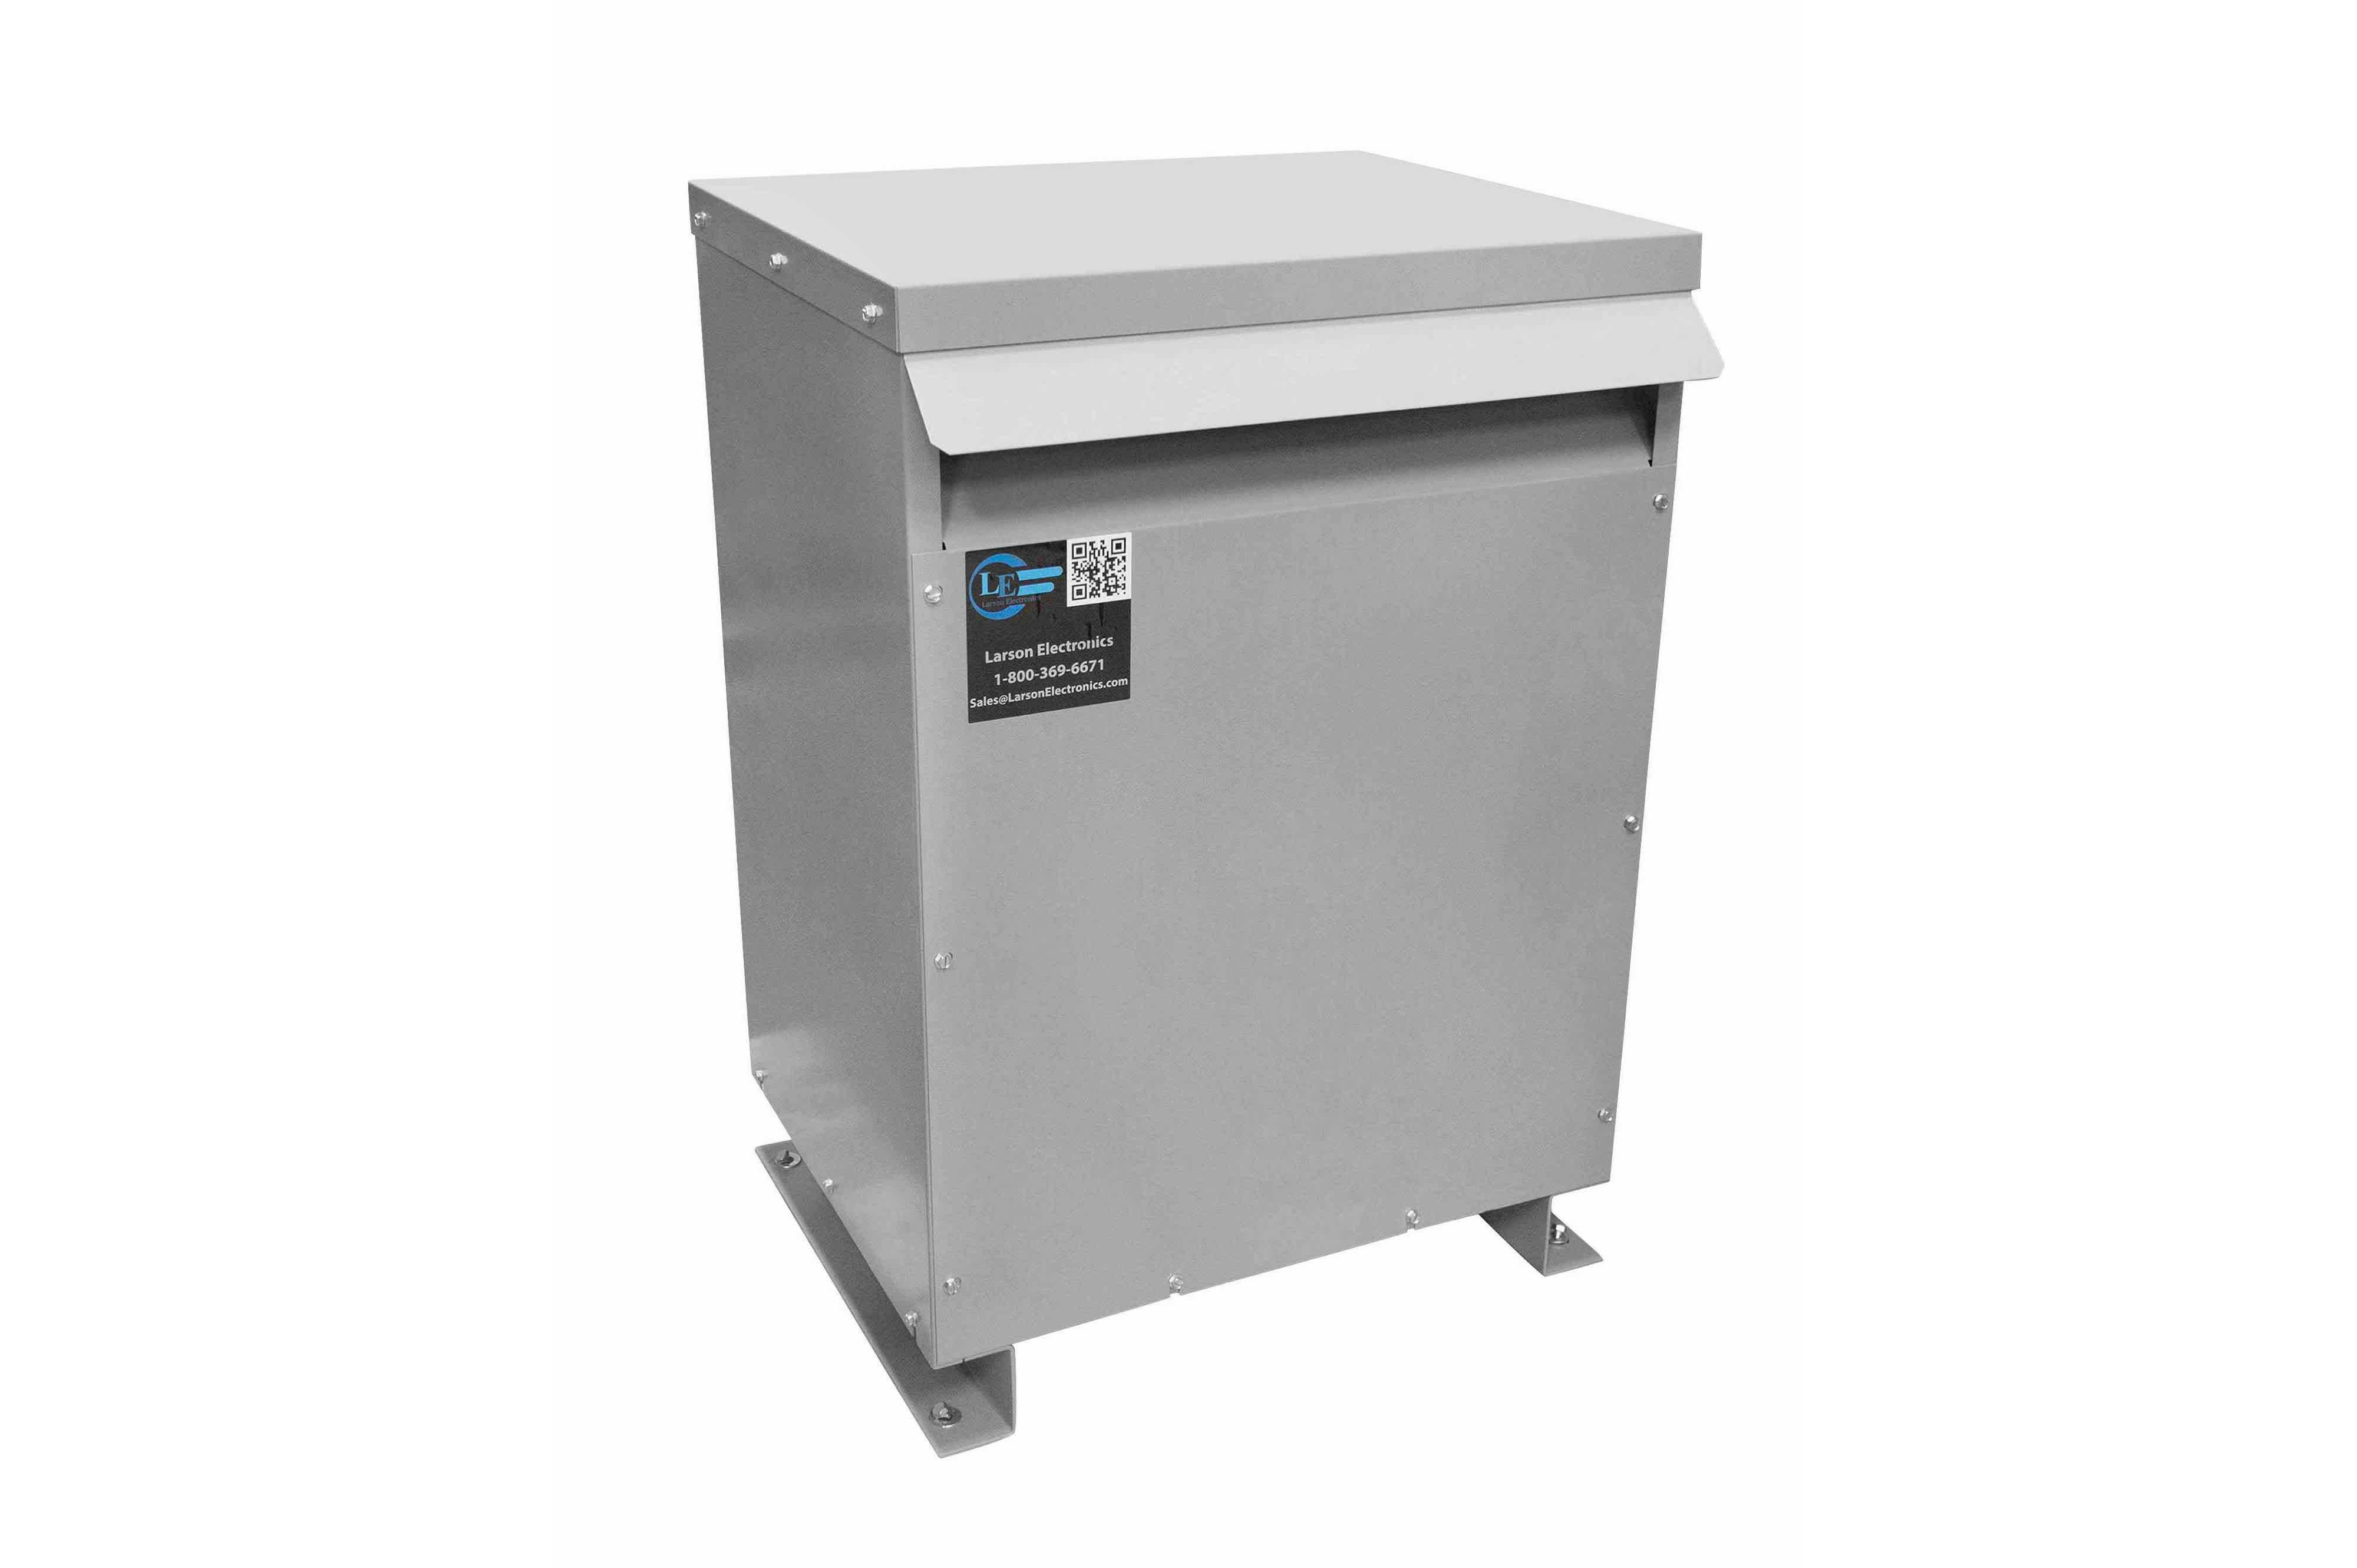 32.5 kVA 3PH Isolation Transformer, 208V Delta Primary, 240 Delta Secondary, N3R, Ventilated, 60 Hz